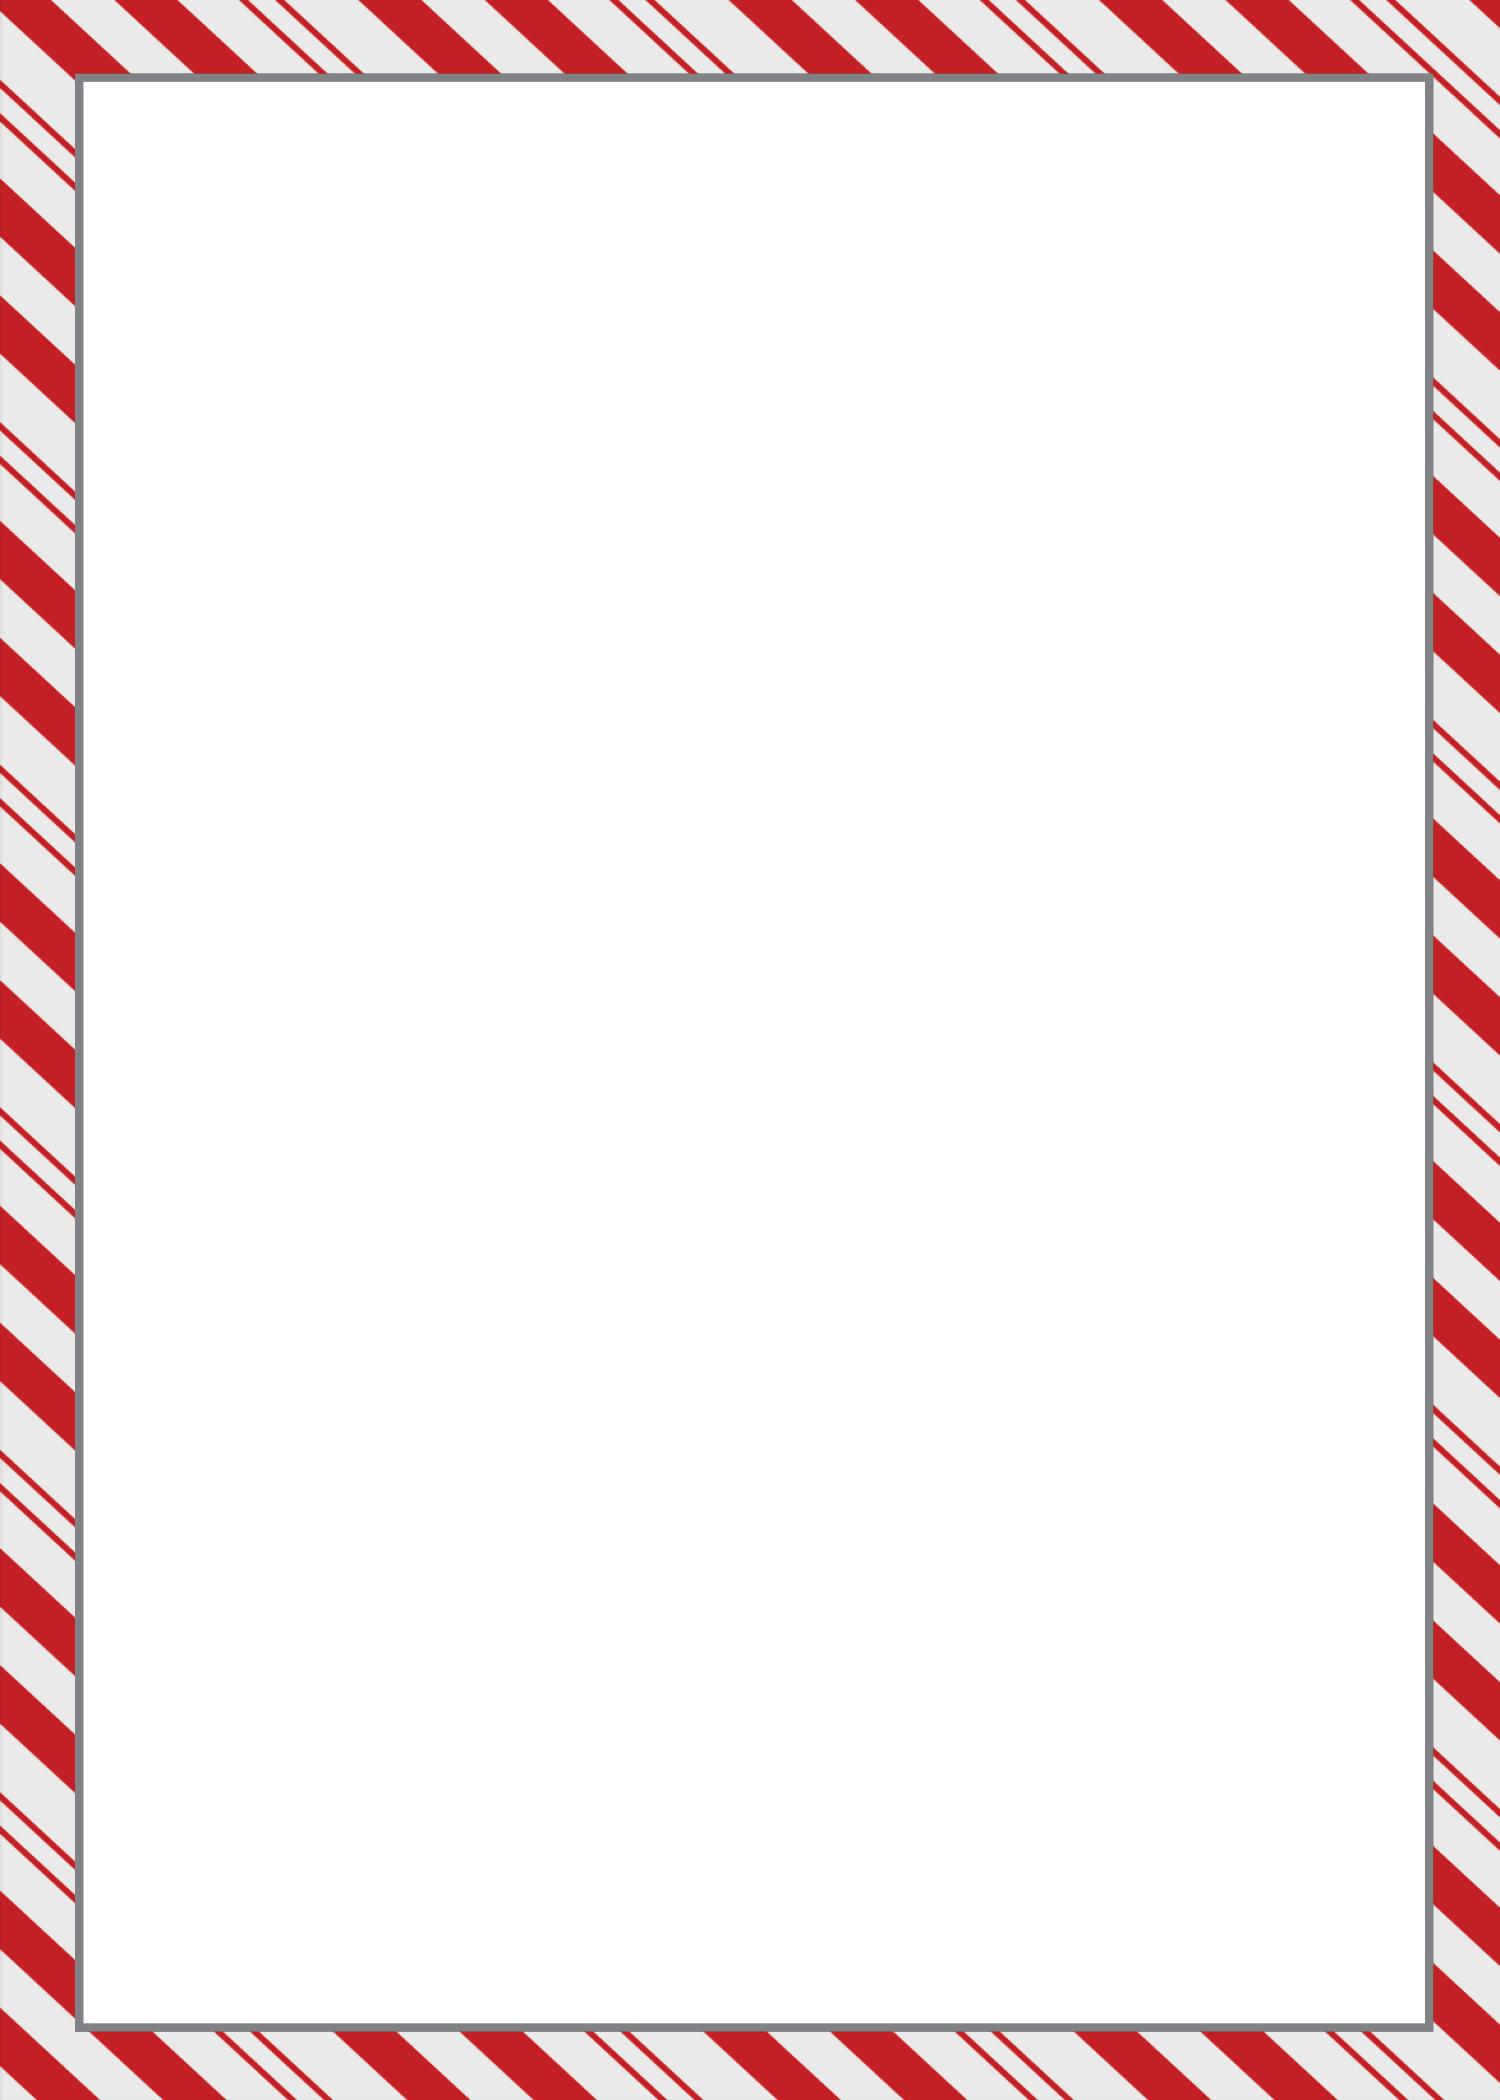 80+ Candy Cane Border Clip Art.